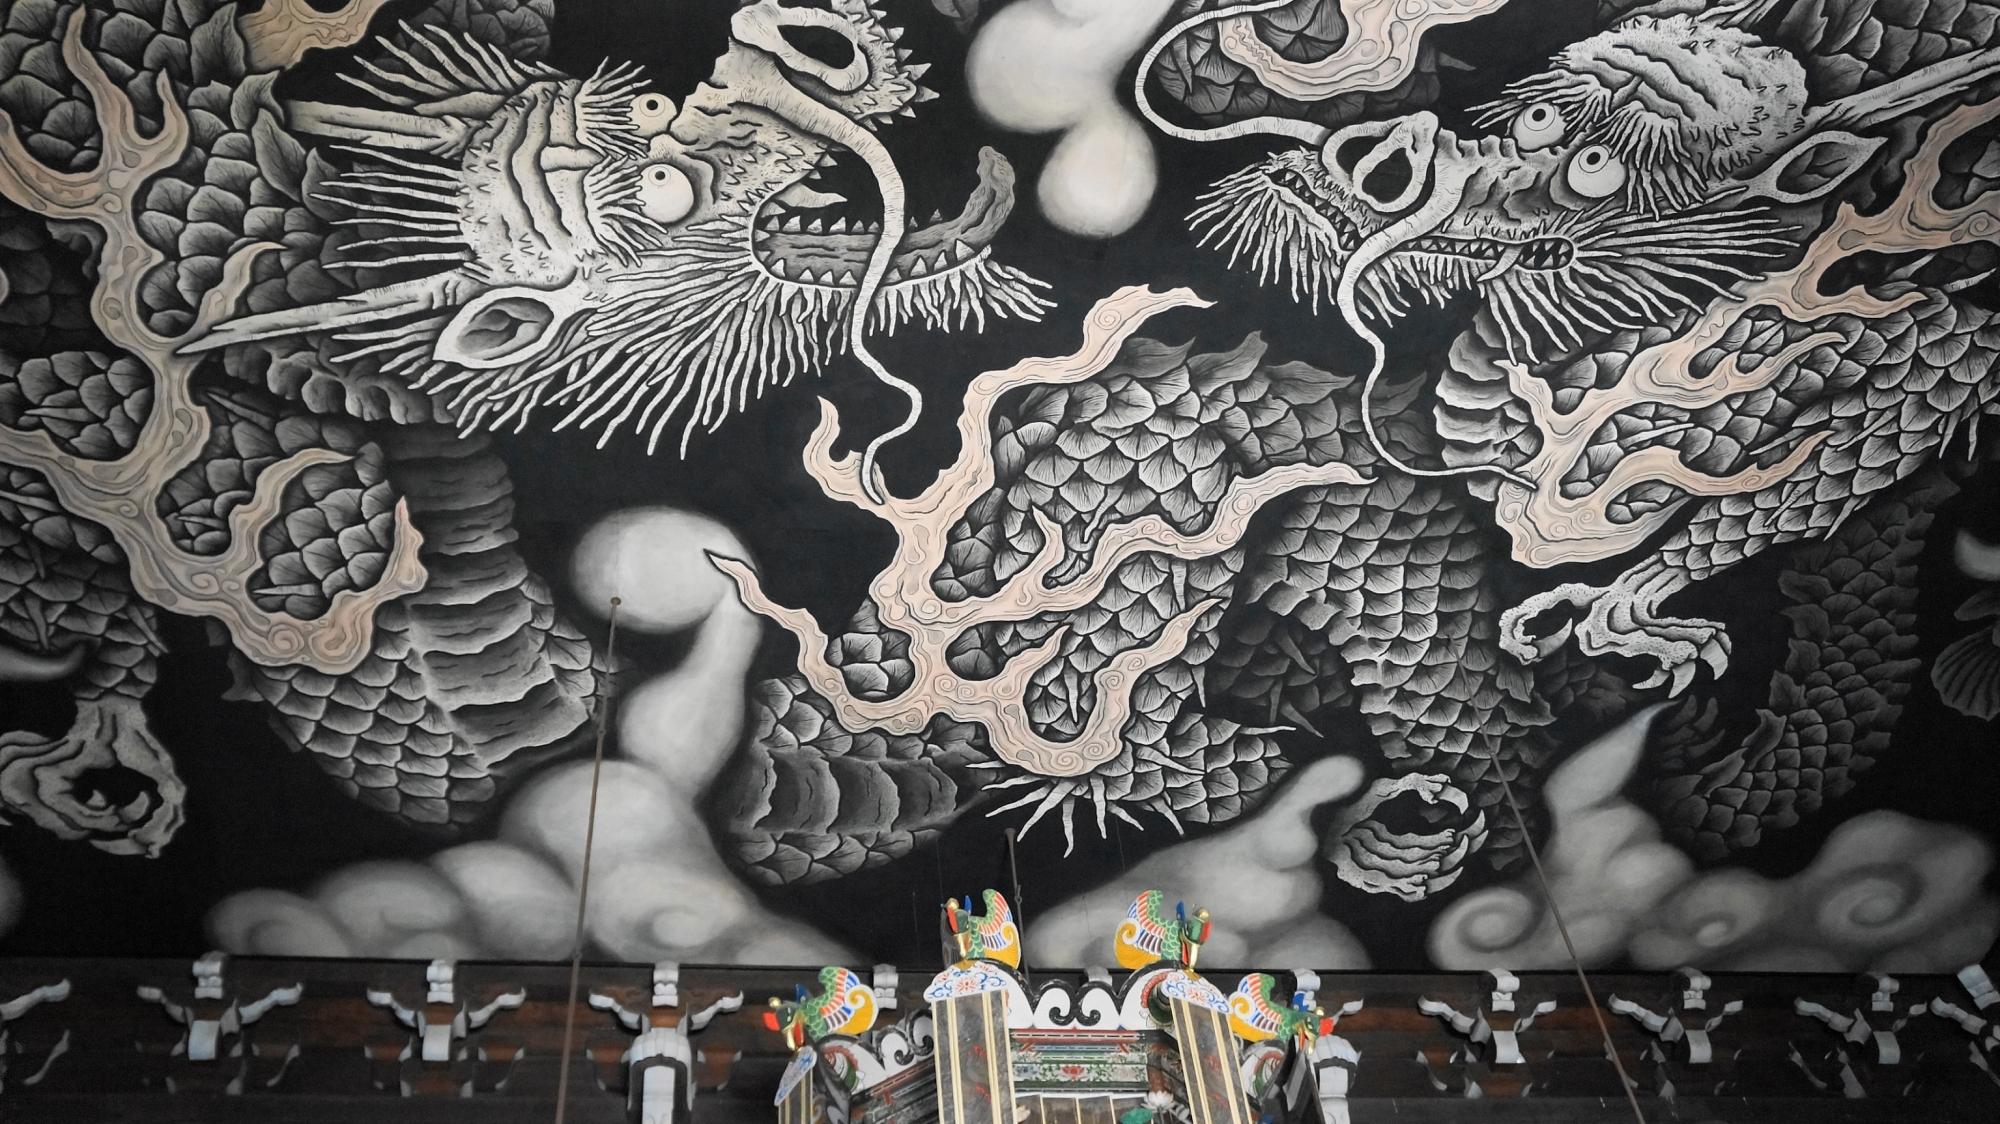 建仁寺 双龍図 法堂